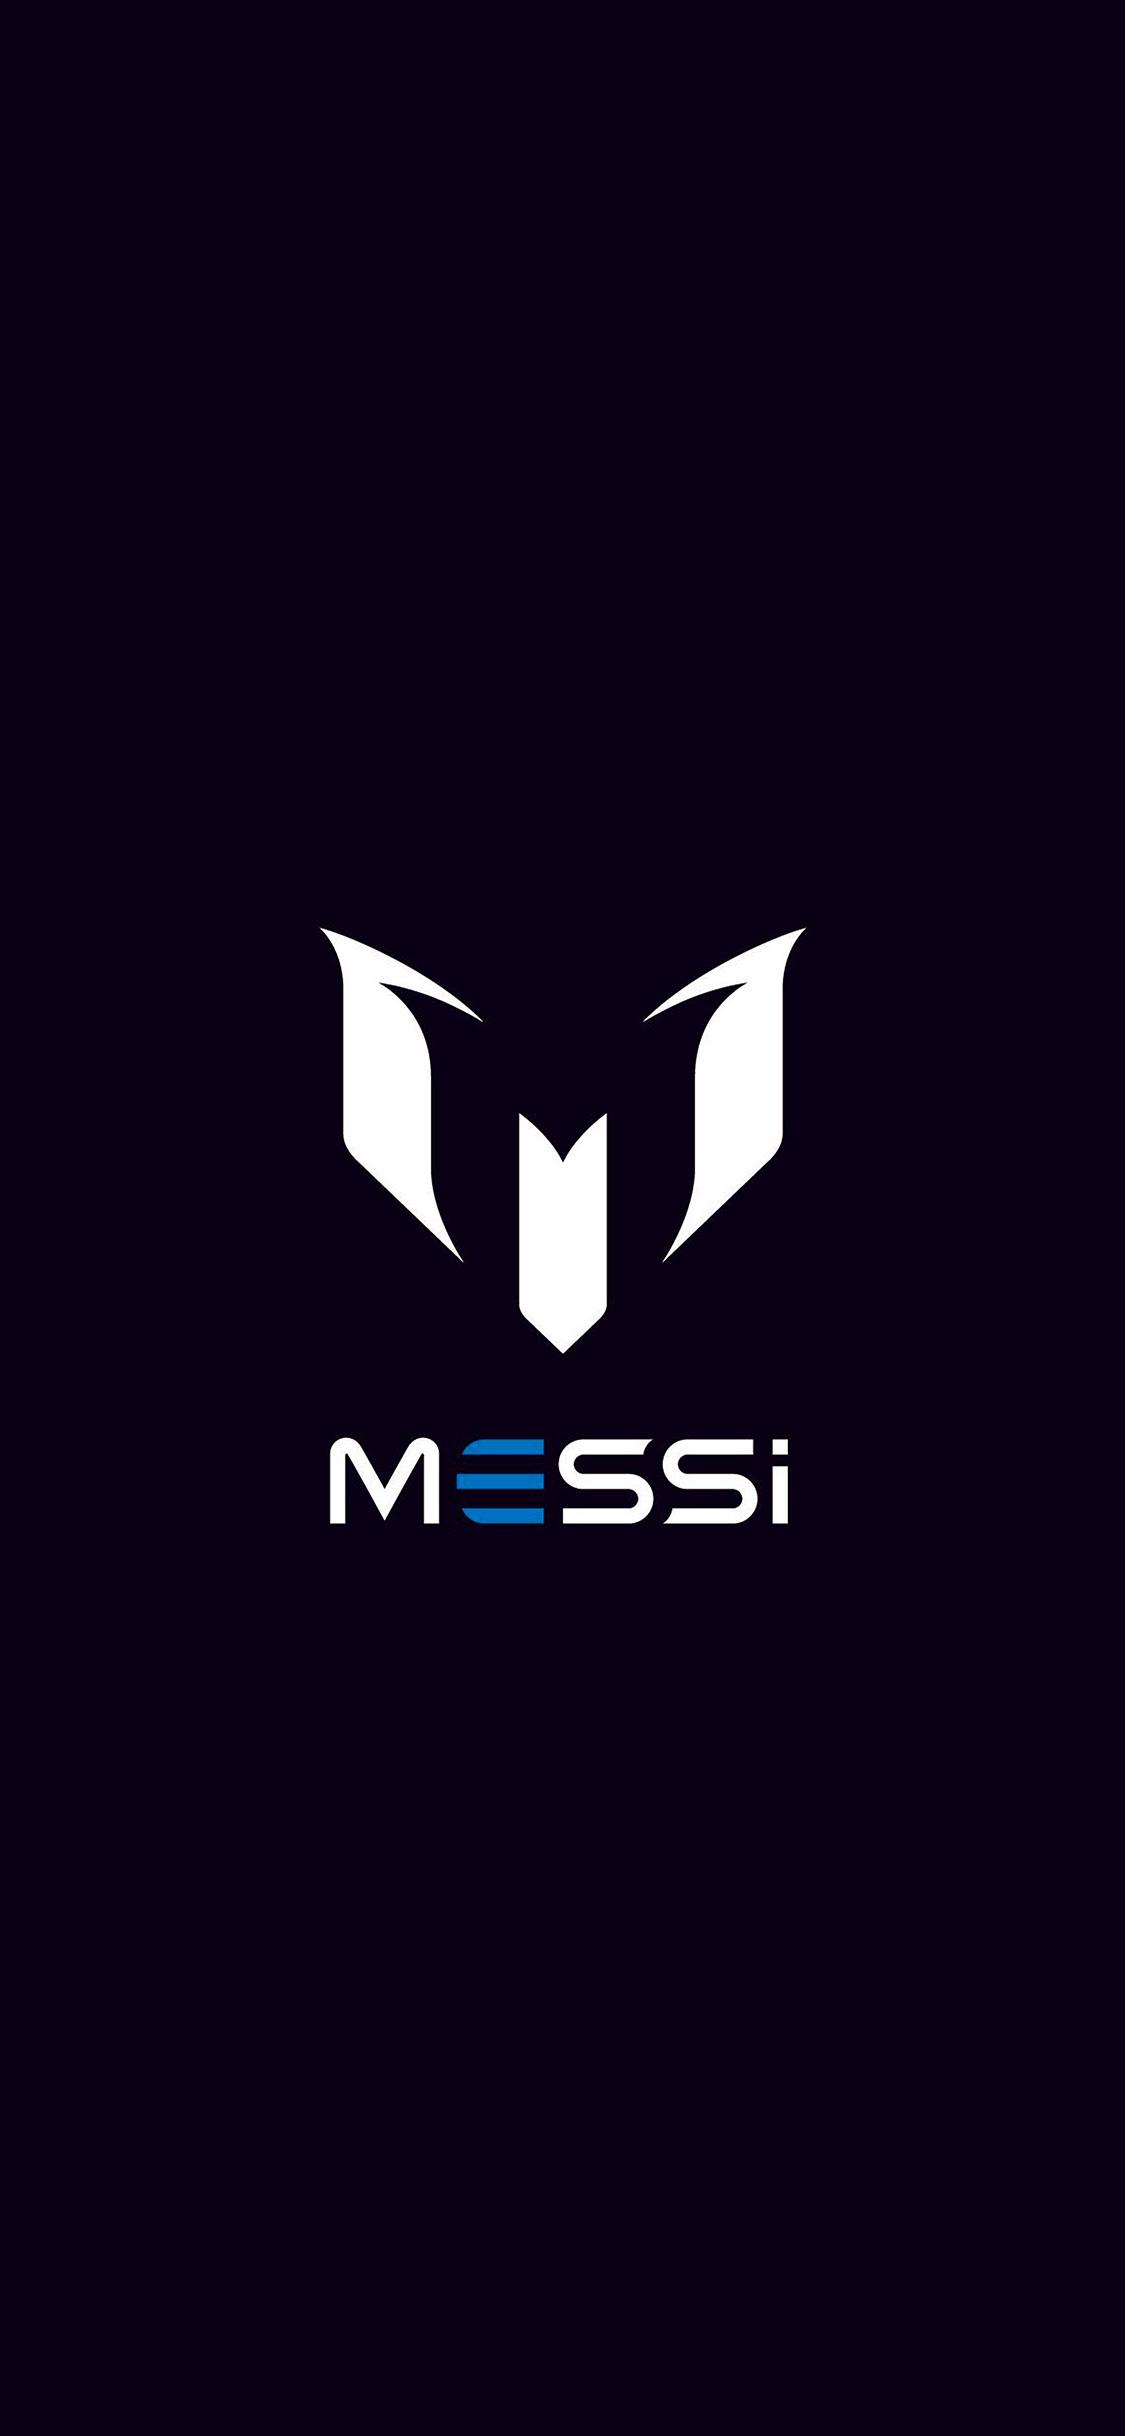 Iphonexpapers Com Iphone X Wallpaper Aq07 Messi Logo Art Minimal Dark